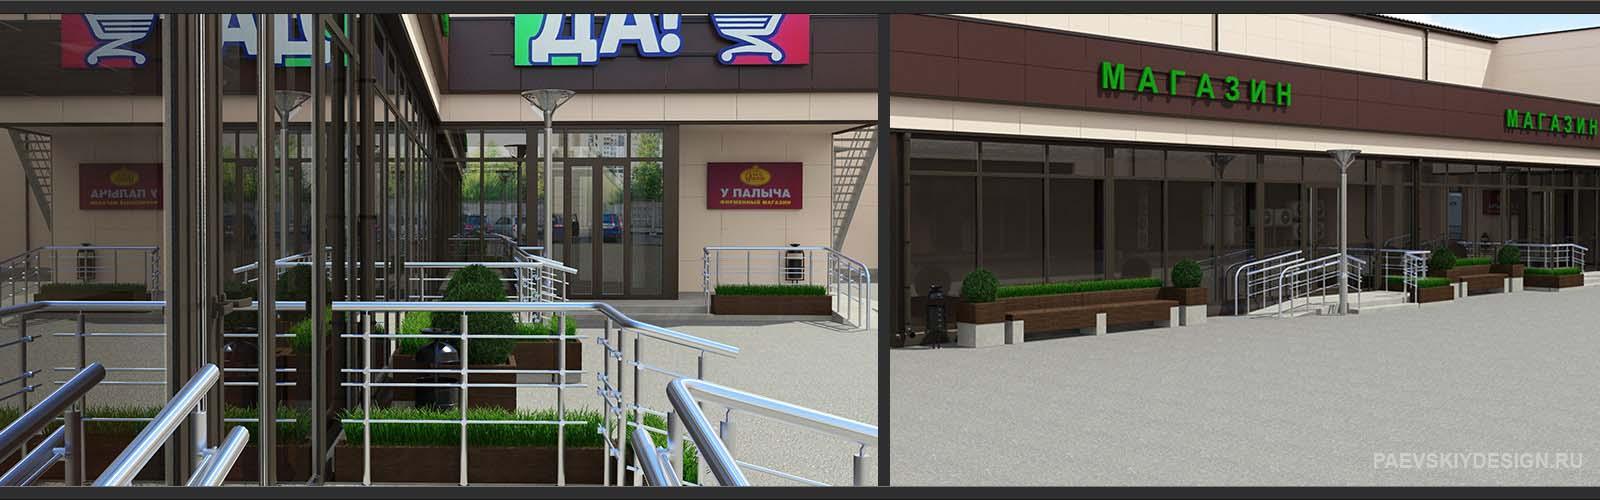 Проектирование строений магазинов для ТЦ